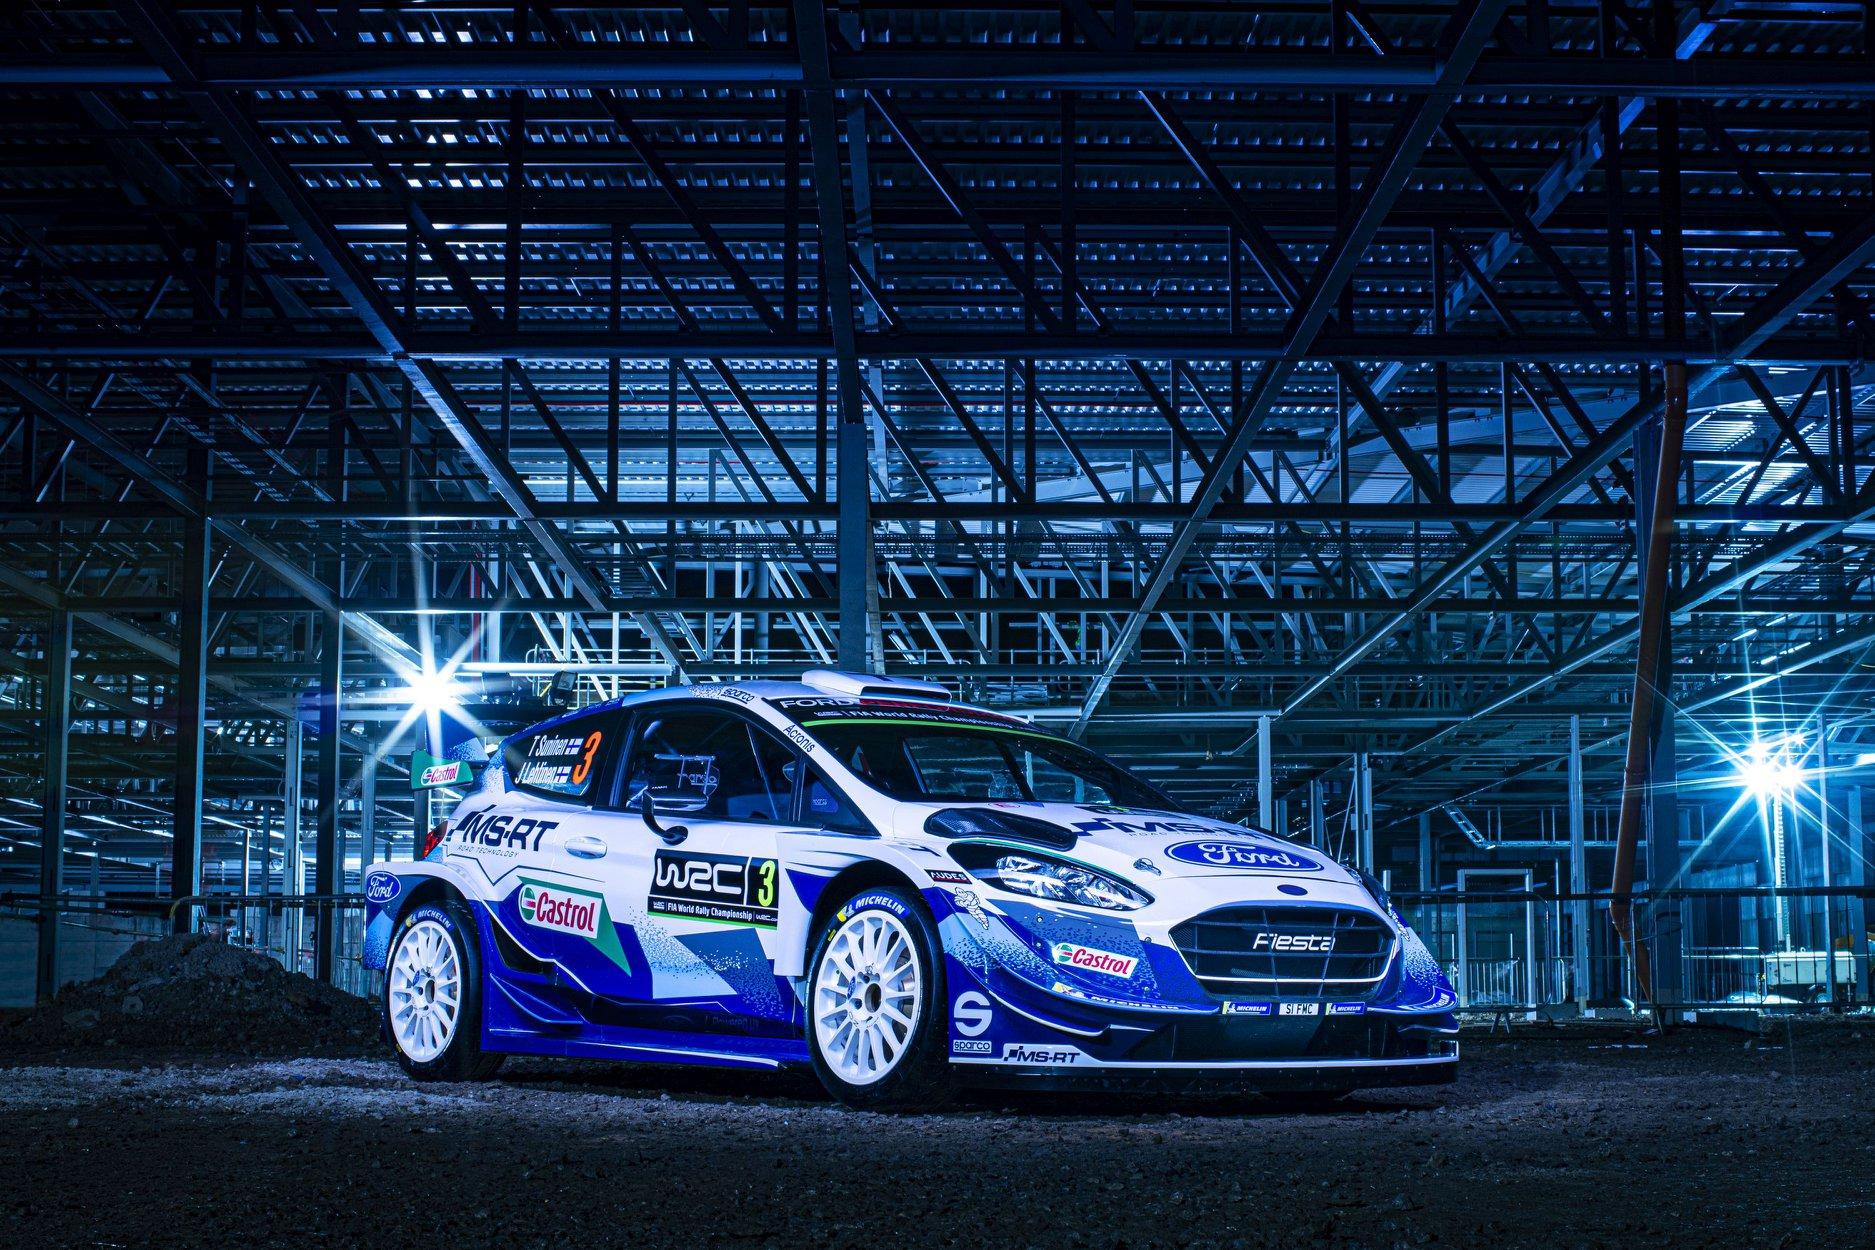 2020_Ford_Fiesta_WRC_0002